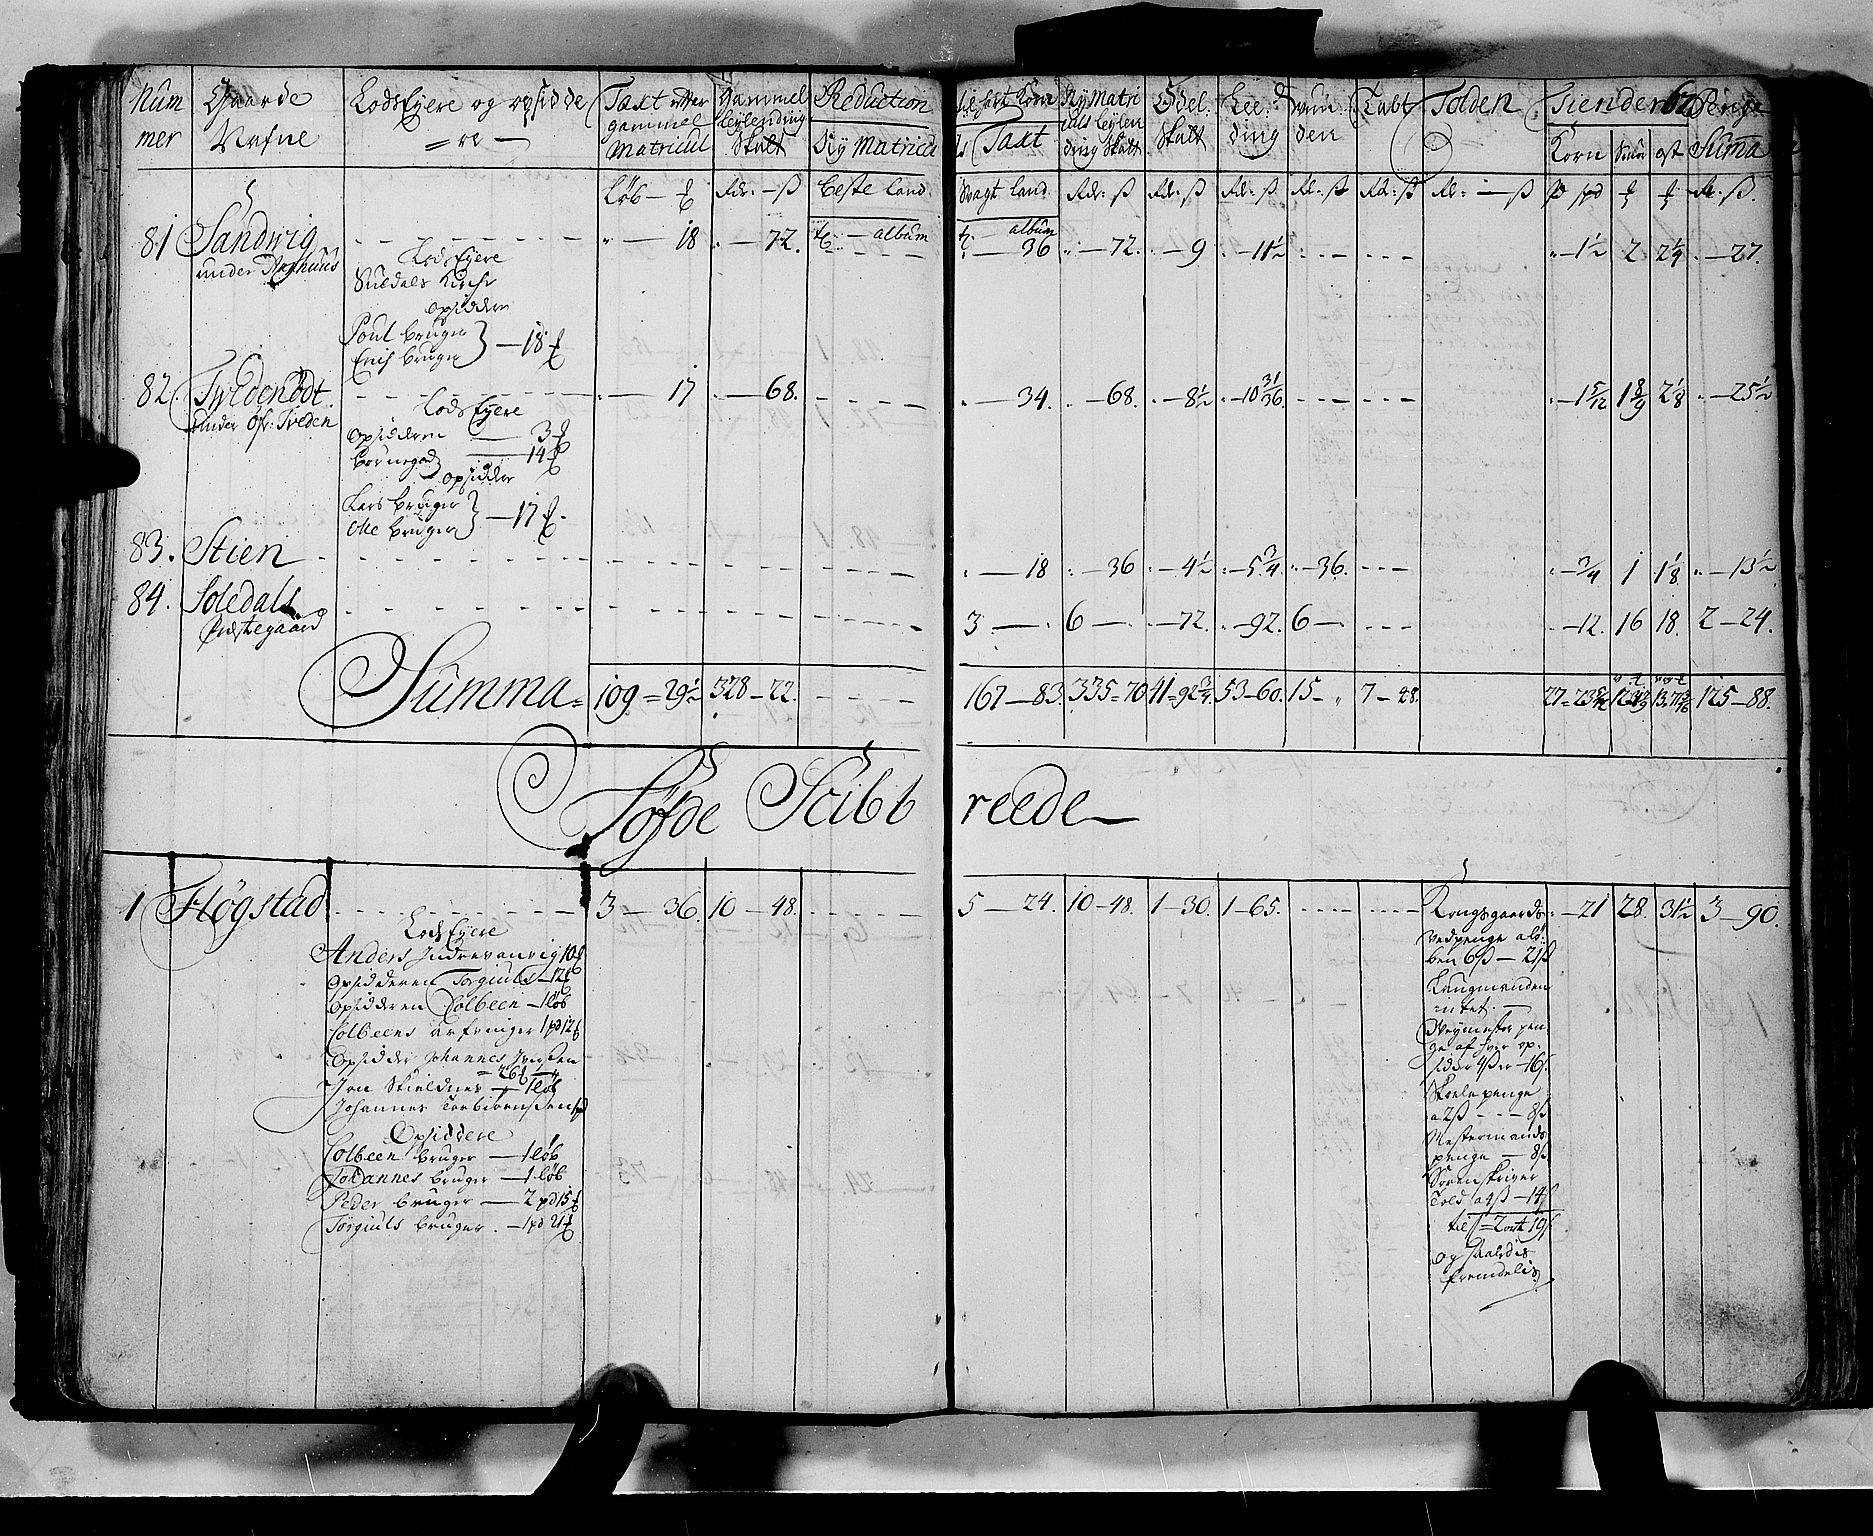 RA, Rentekammeret inntil 1814, Realistisk ordnet avdeling, N/Nb/Nbf/L0133b: Ryfylke matrikkelprotokoll, 1723, s. 66b-67a